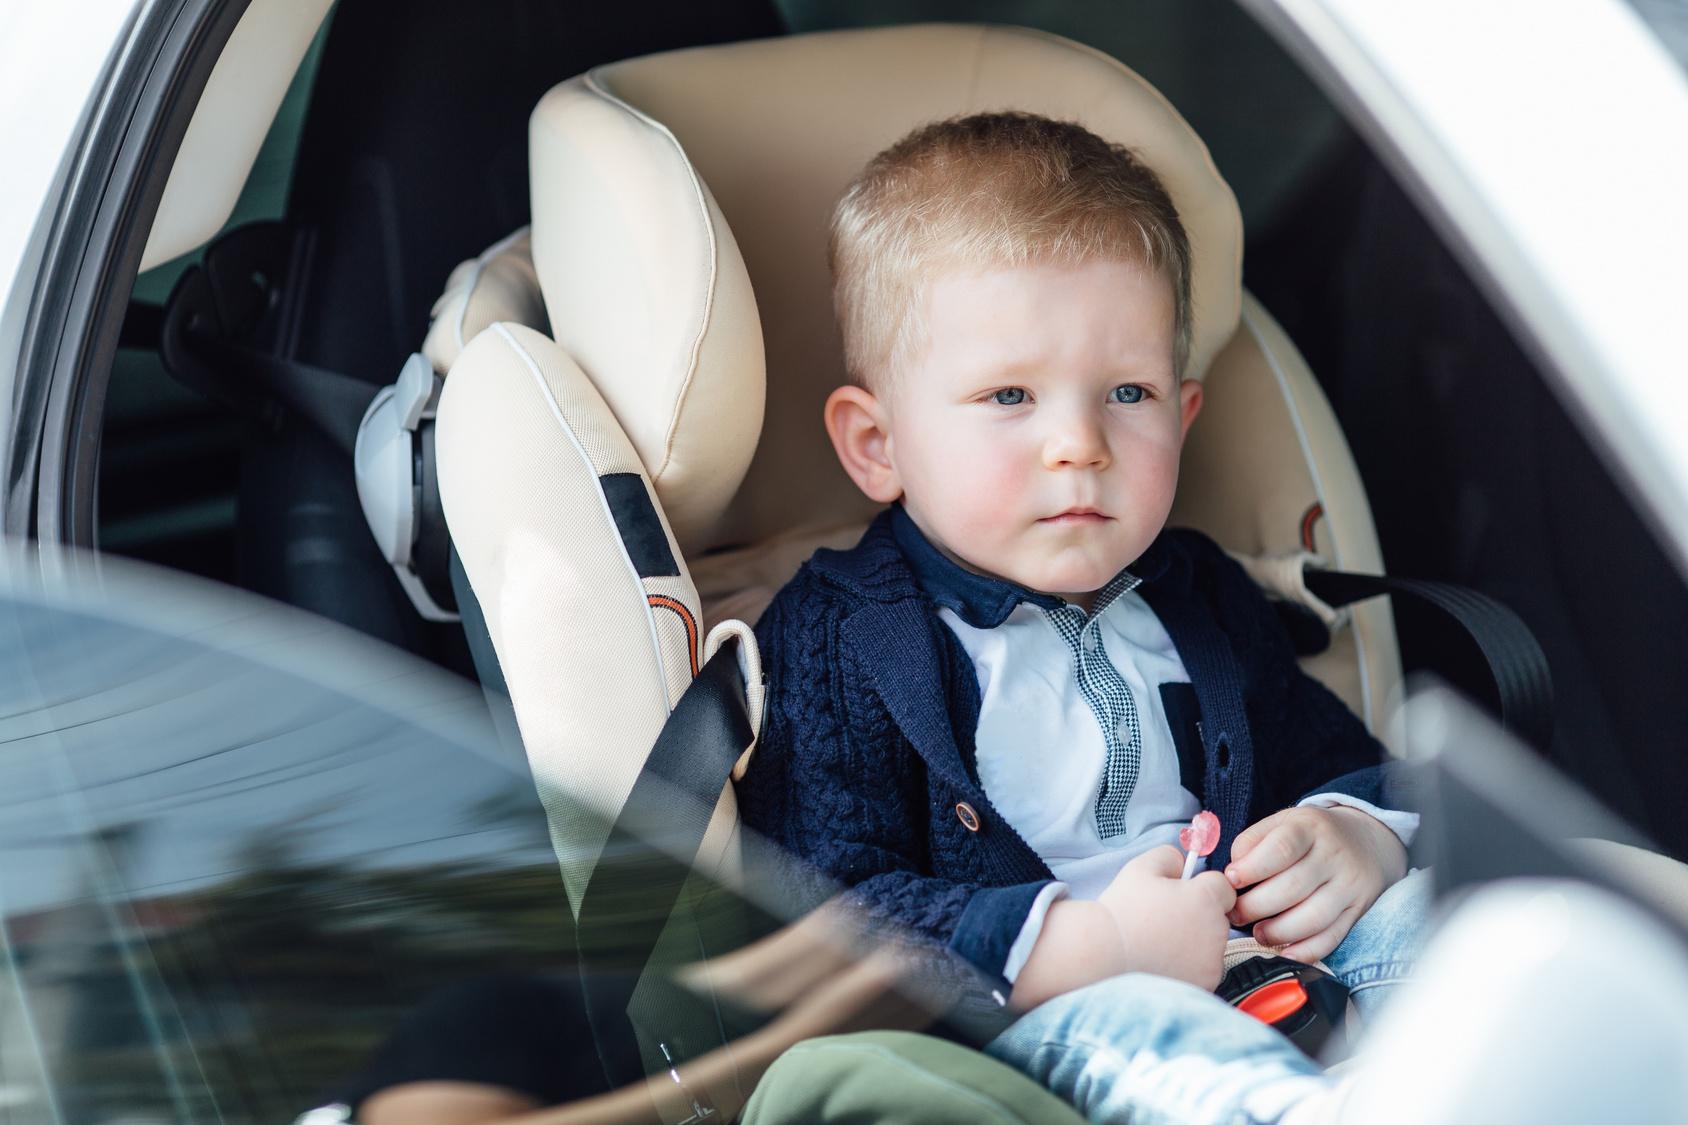 Kleinkind schließt sich versehentlich selbst im Auto ein